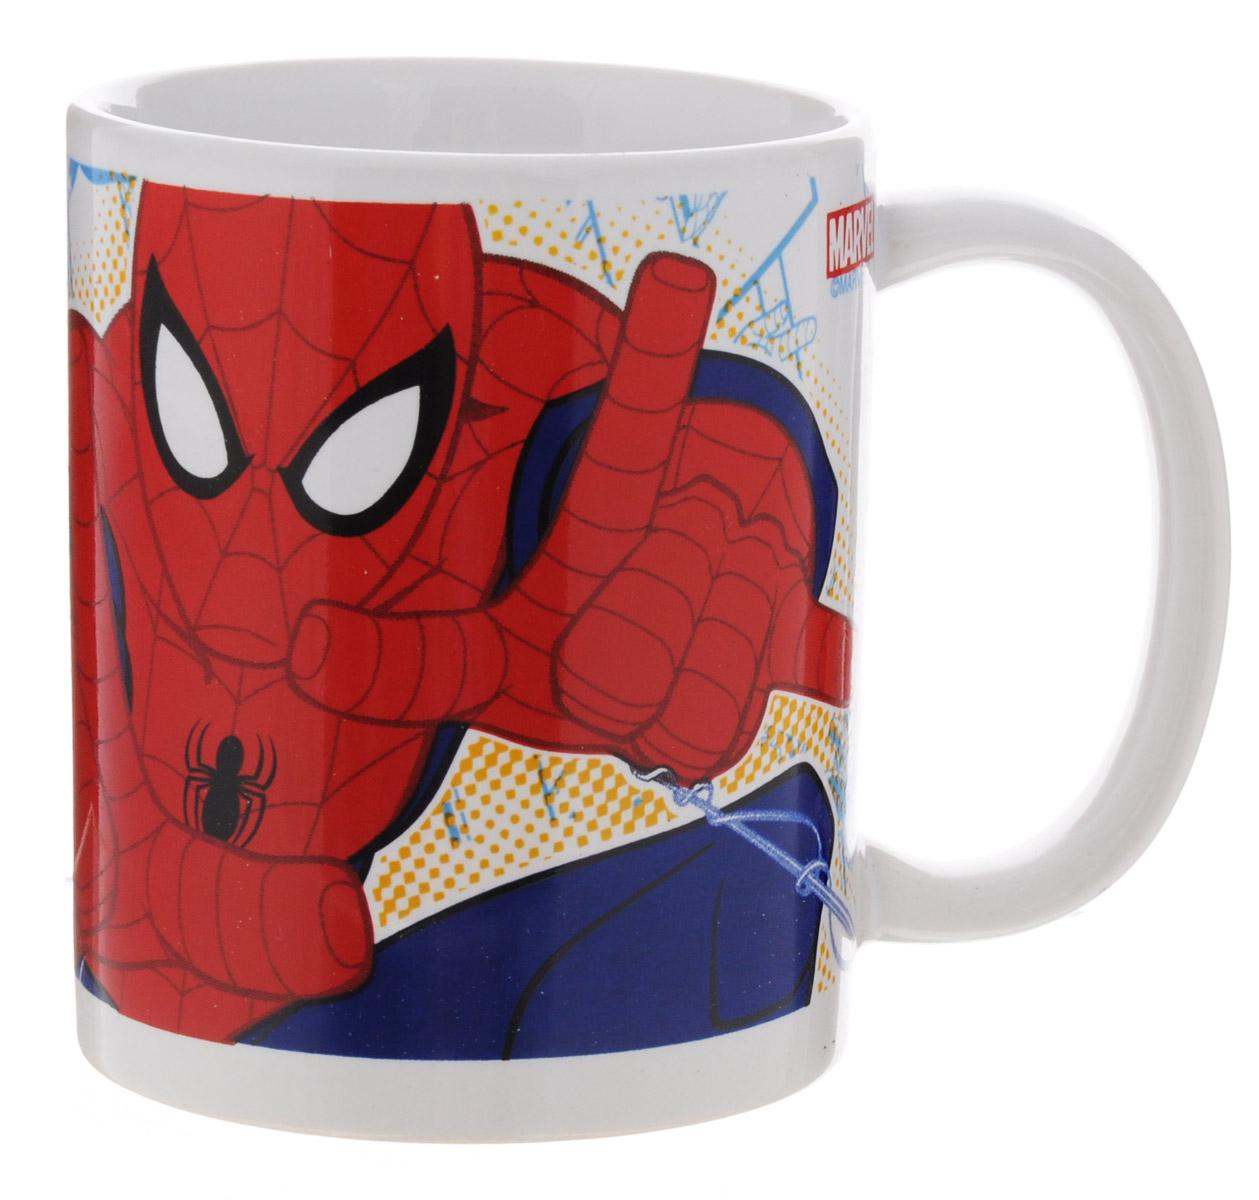 Disney Кружка детская Спайдермен 330 мл78307Детская кружка Disney Спайдермен с любимым героем станет отличным подарком для вашего ребенка. Она выполнена из керамики и оформлена изображением Человека-паука. Кружка дополнена удобной ручкой. Такой подарок станет не только приятным, но и практичным сувениром: кружка будет незаменимым атрибутом чаепития, а оригинальное оформление кружки добавит ярких эмоций и хорошего настроения. Можно использовать в СВЧ-печи и посудомоечной машине.